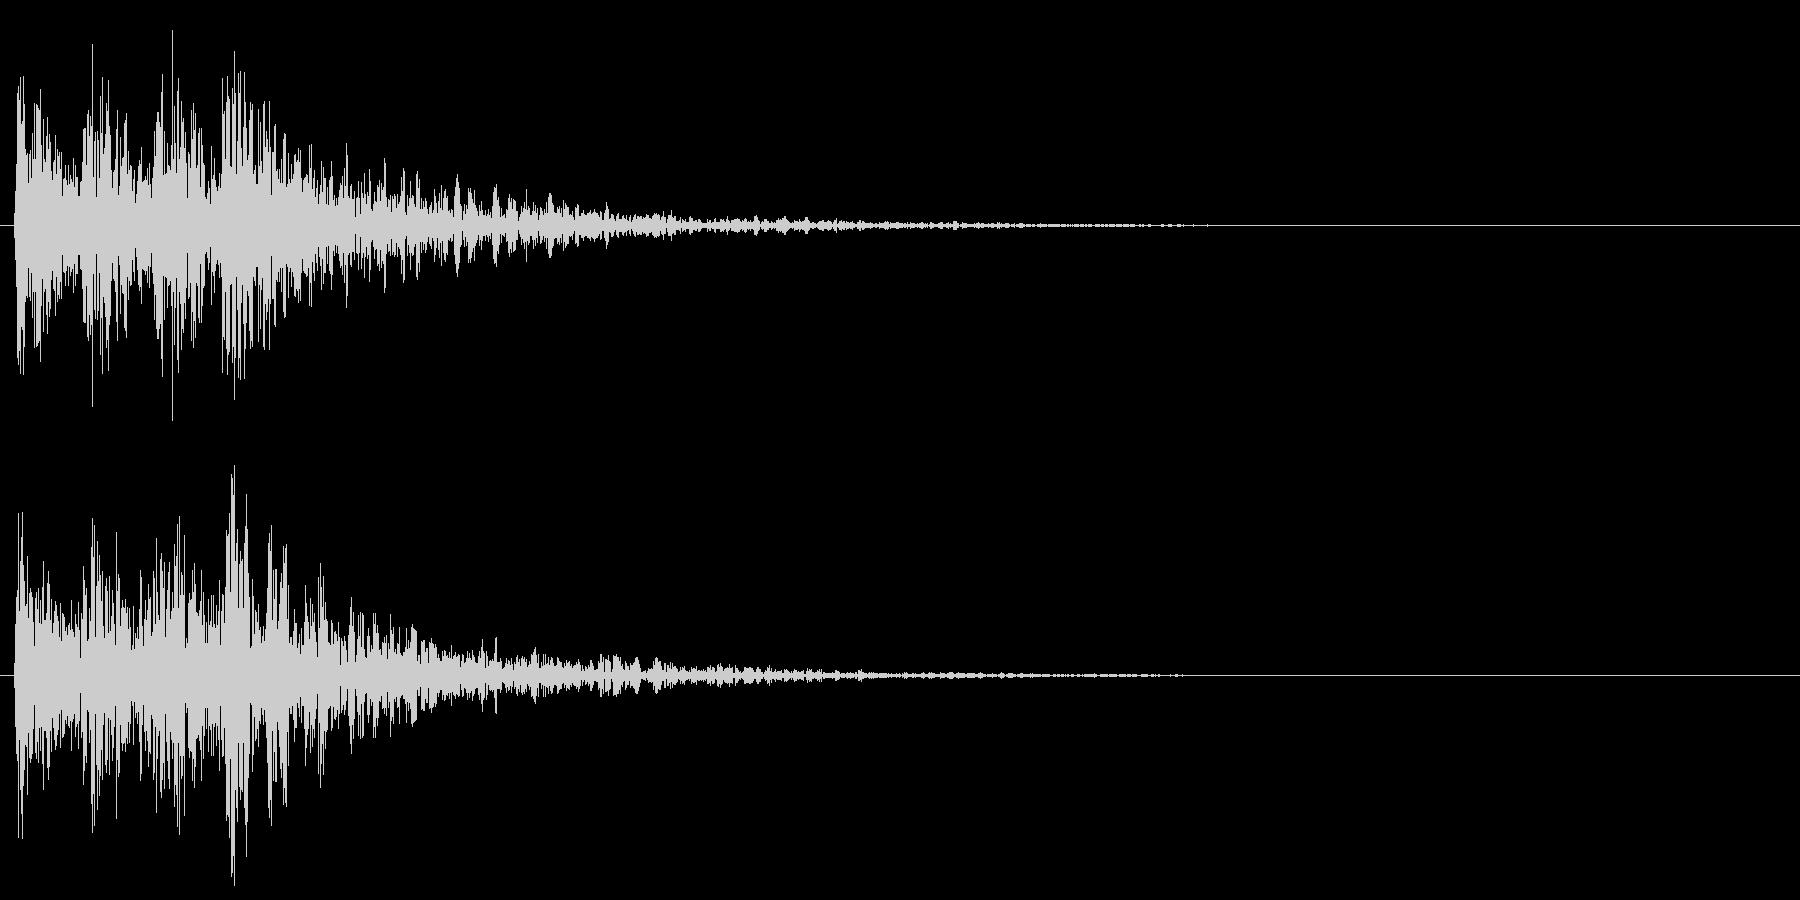 ティンパニとスネアの勇ましい転回音 戦争の未再生の波形